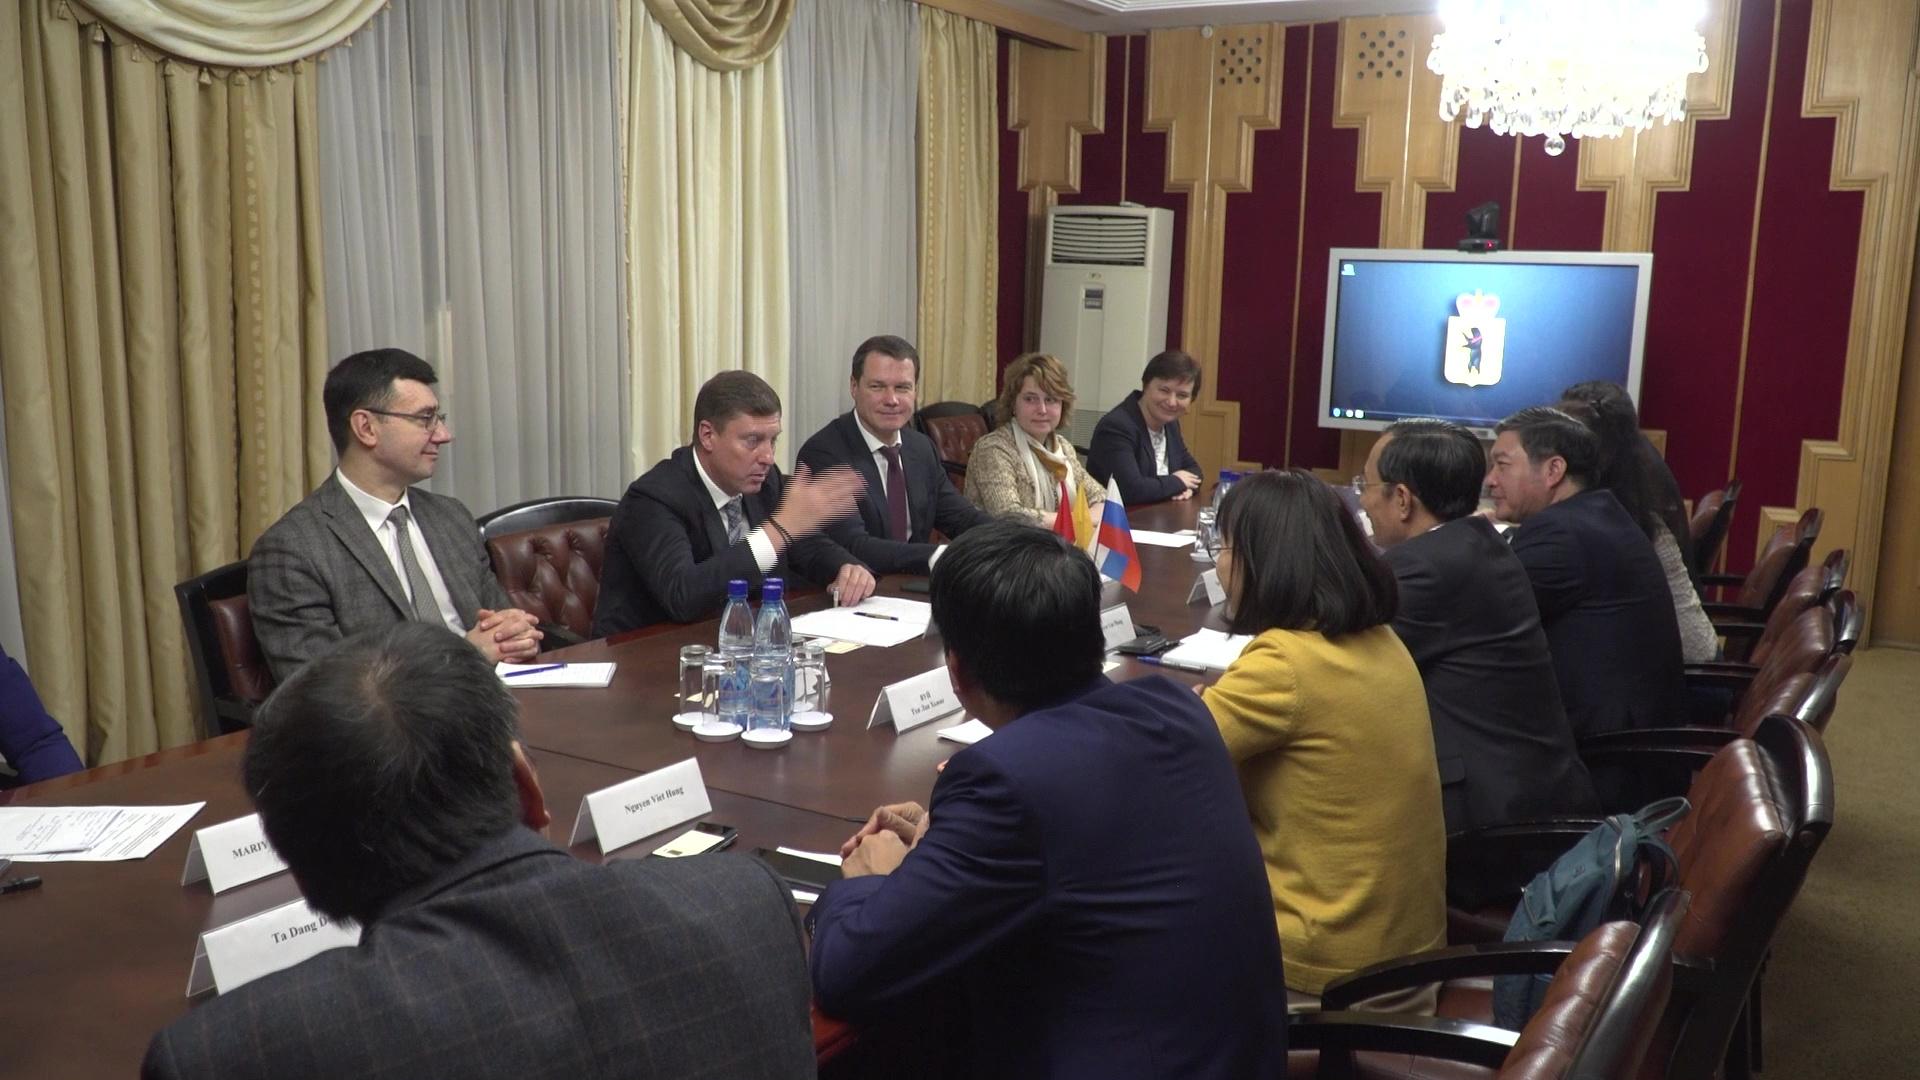 Делегация Вьетнамской провинции Бакнинь встретилась за круглым столом с руководством региона